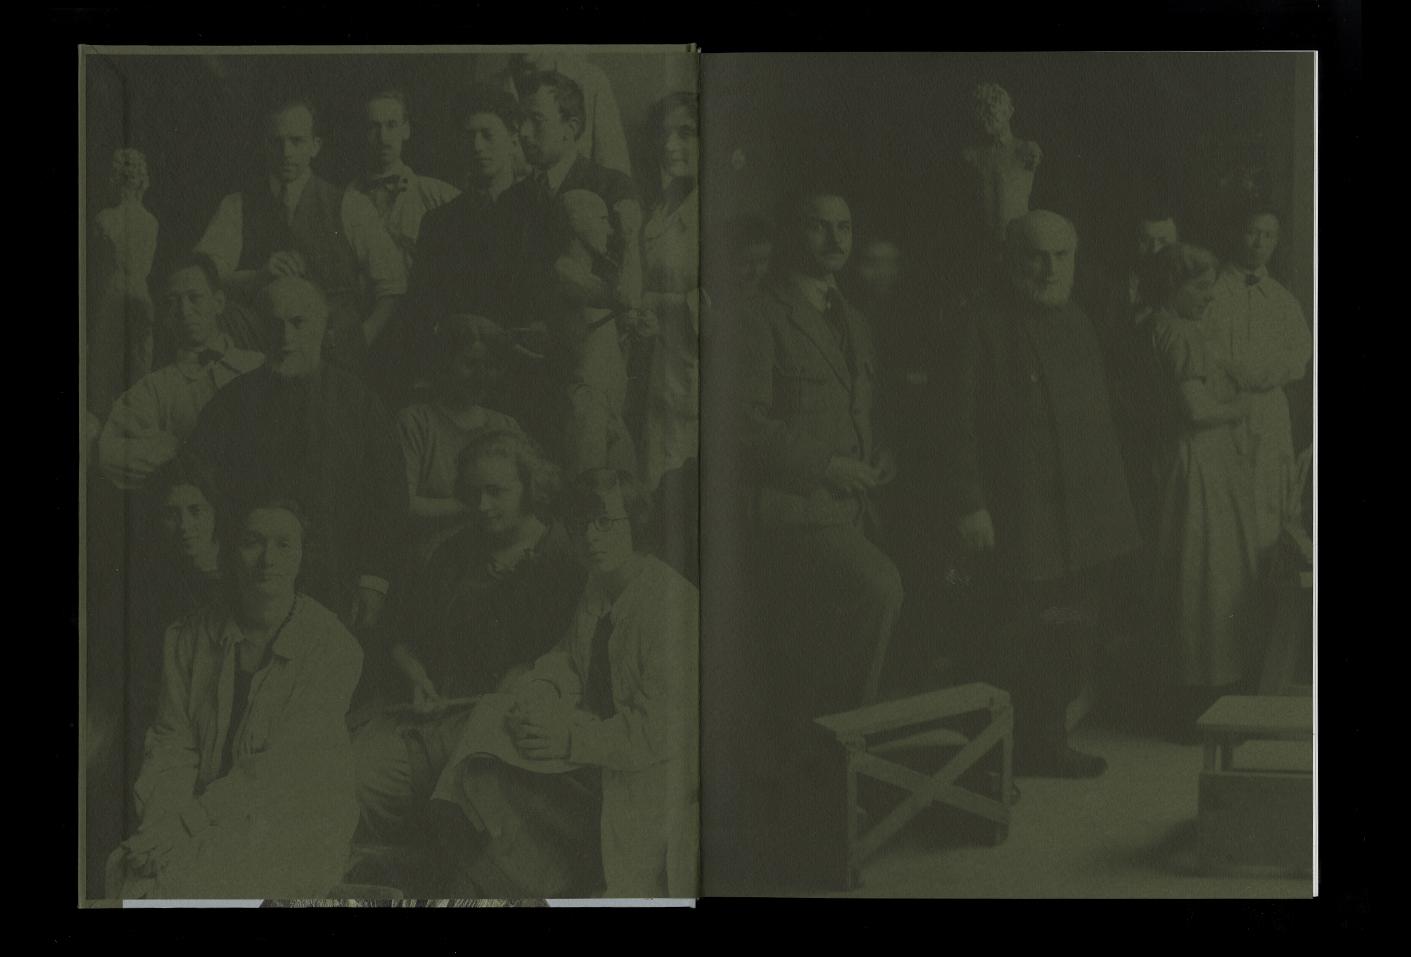 Transmission/Transgression. Maîtres et élèves dans l'atelier: Rodin, Bourdelle, Giacometti, Richier… — Lisa Sturacci Graphiste